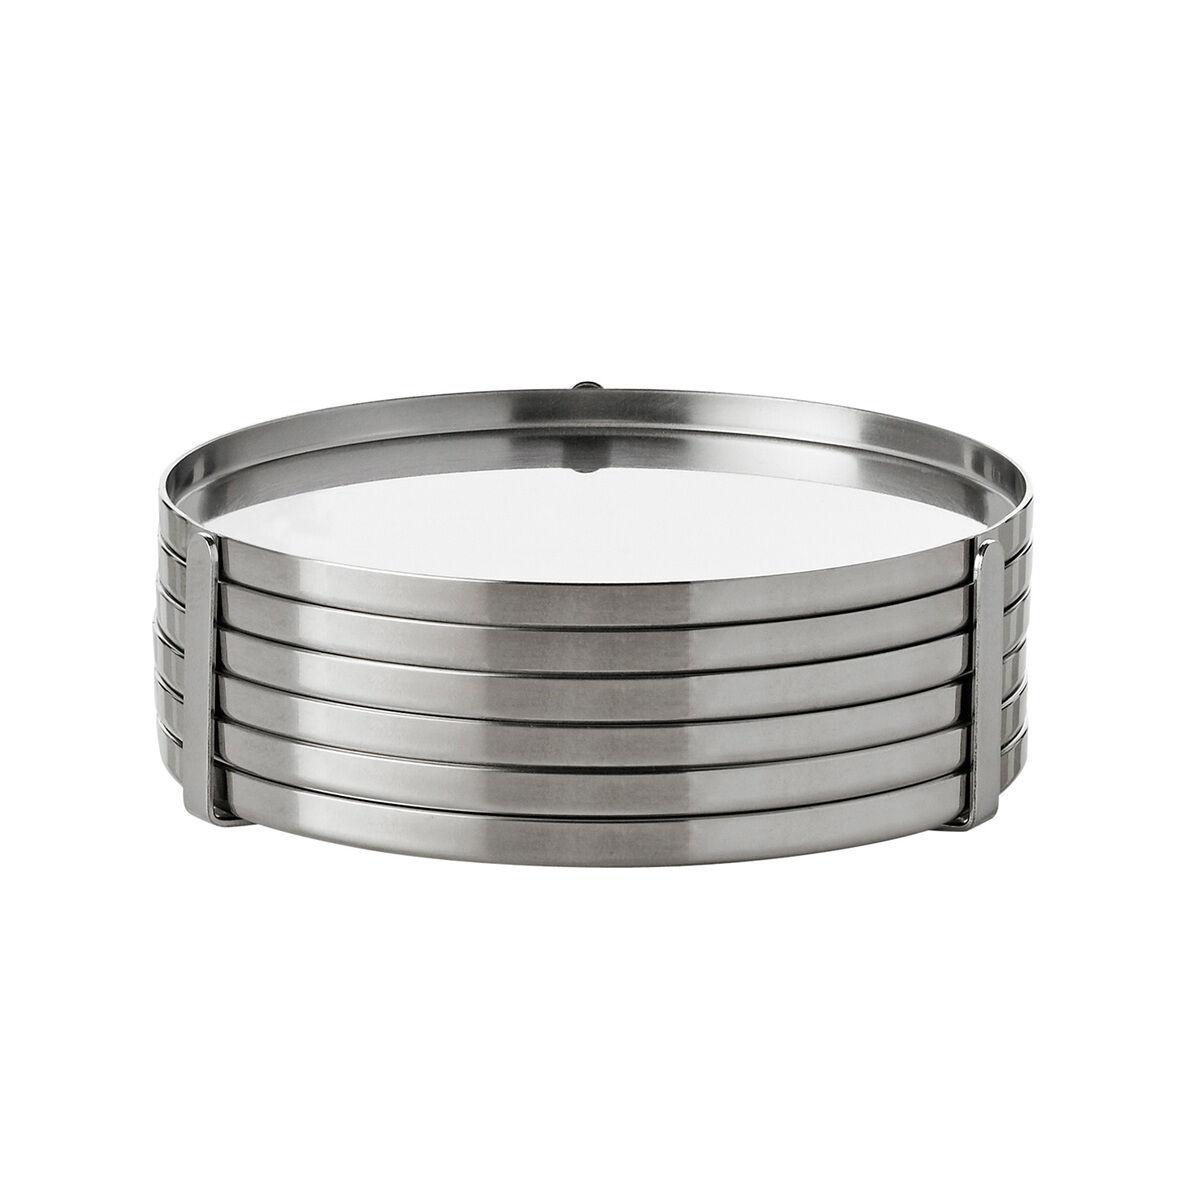 Stelton Arne Jacobsen lasinaluset, 6 kpl